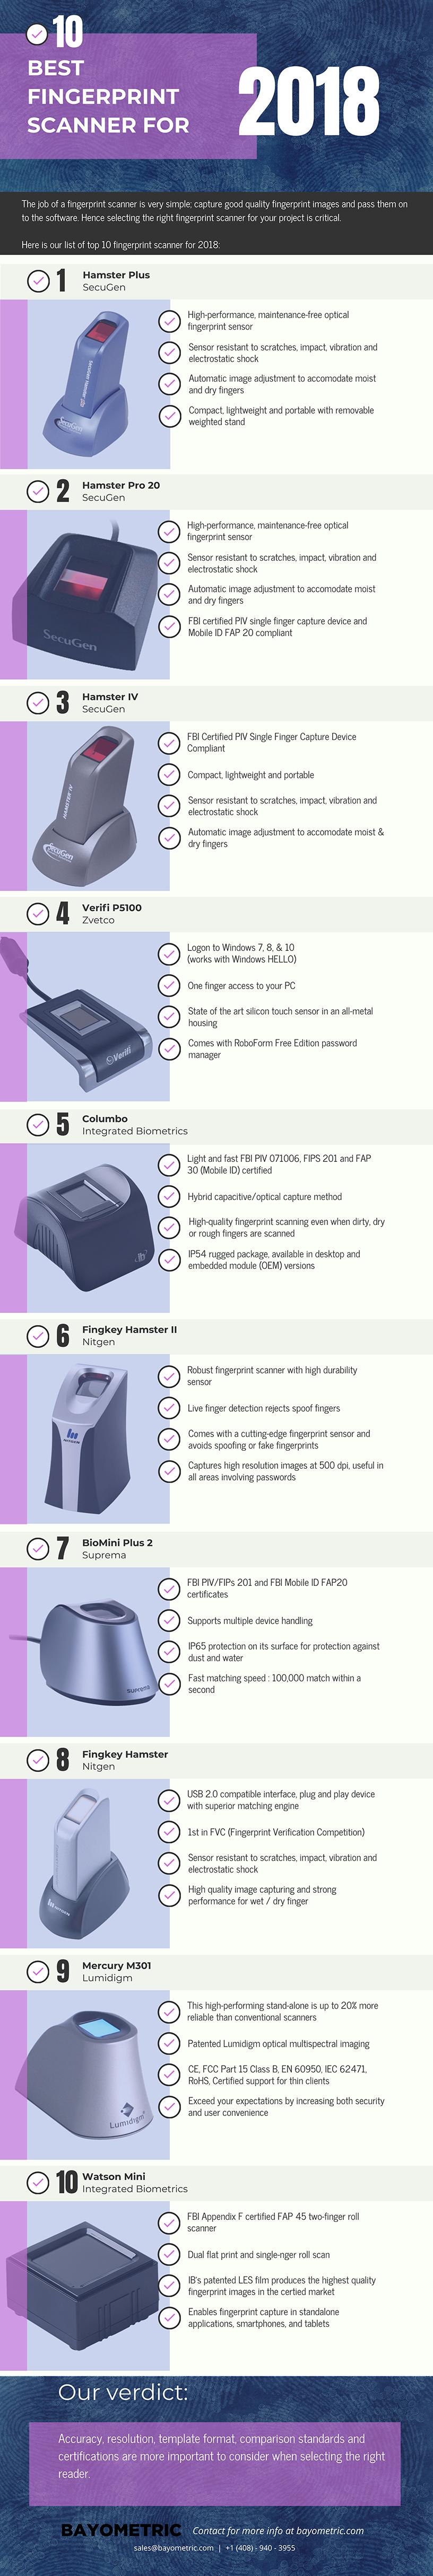 best-fingerprint-scanner-2018